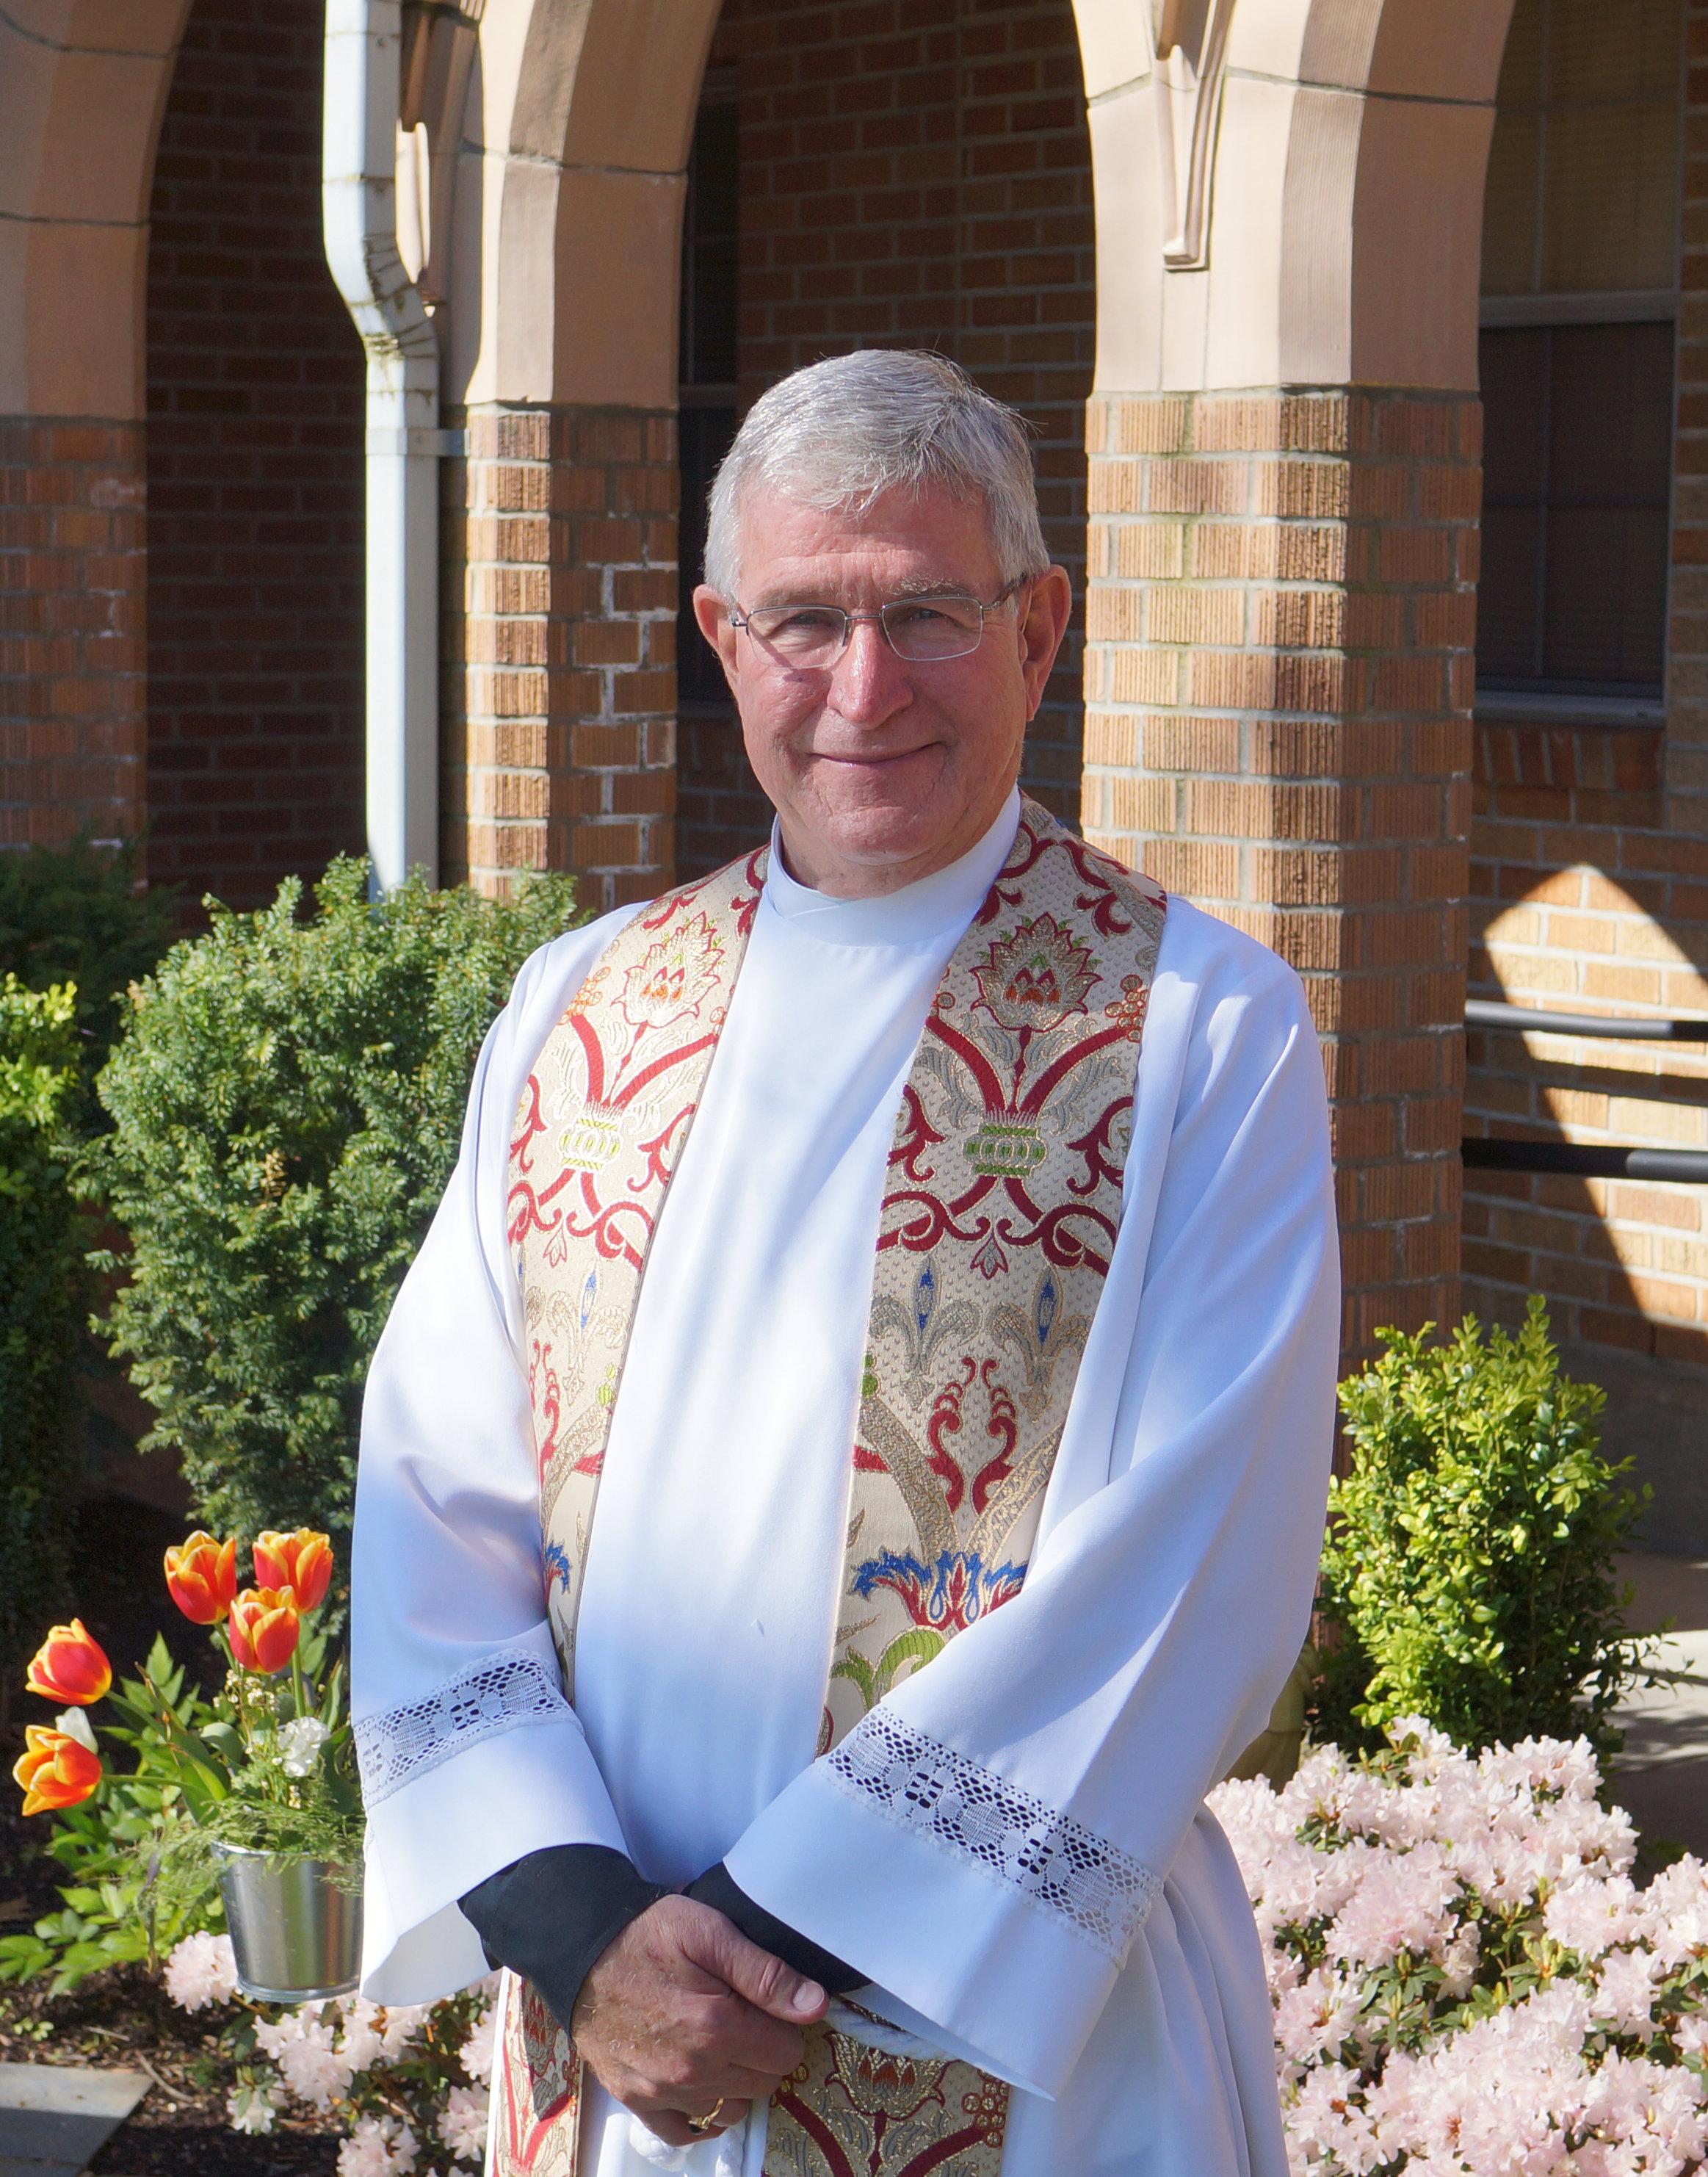 Rev. Stuart Hoke at St. Paul's